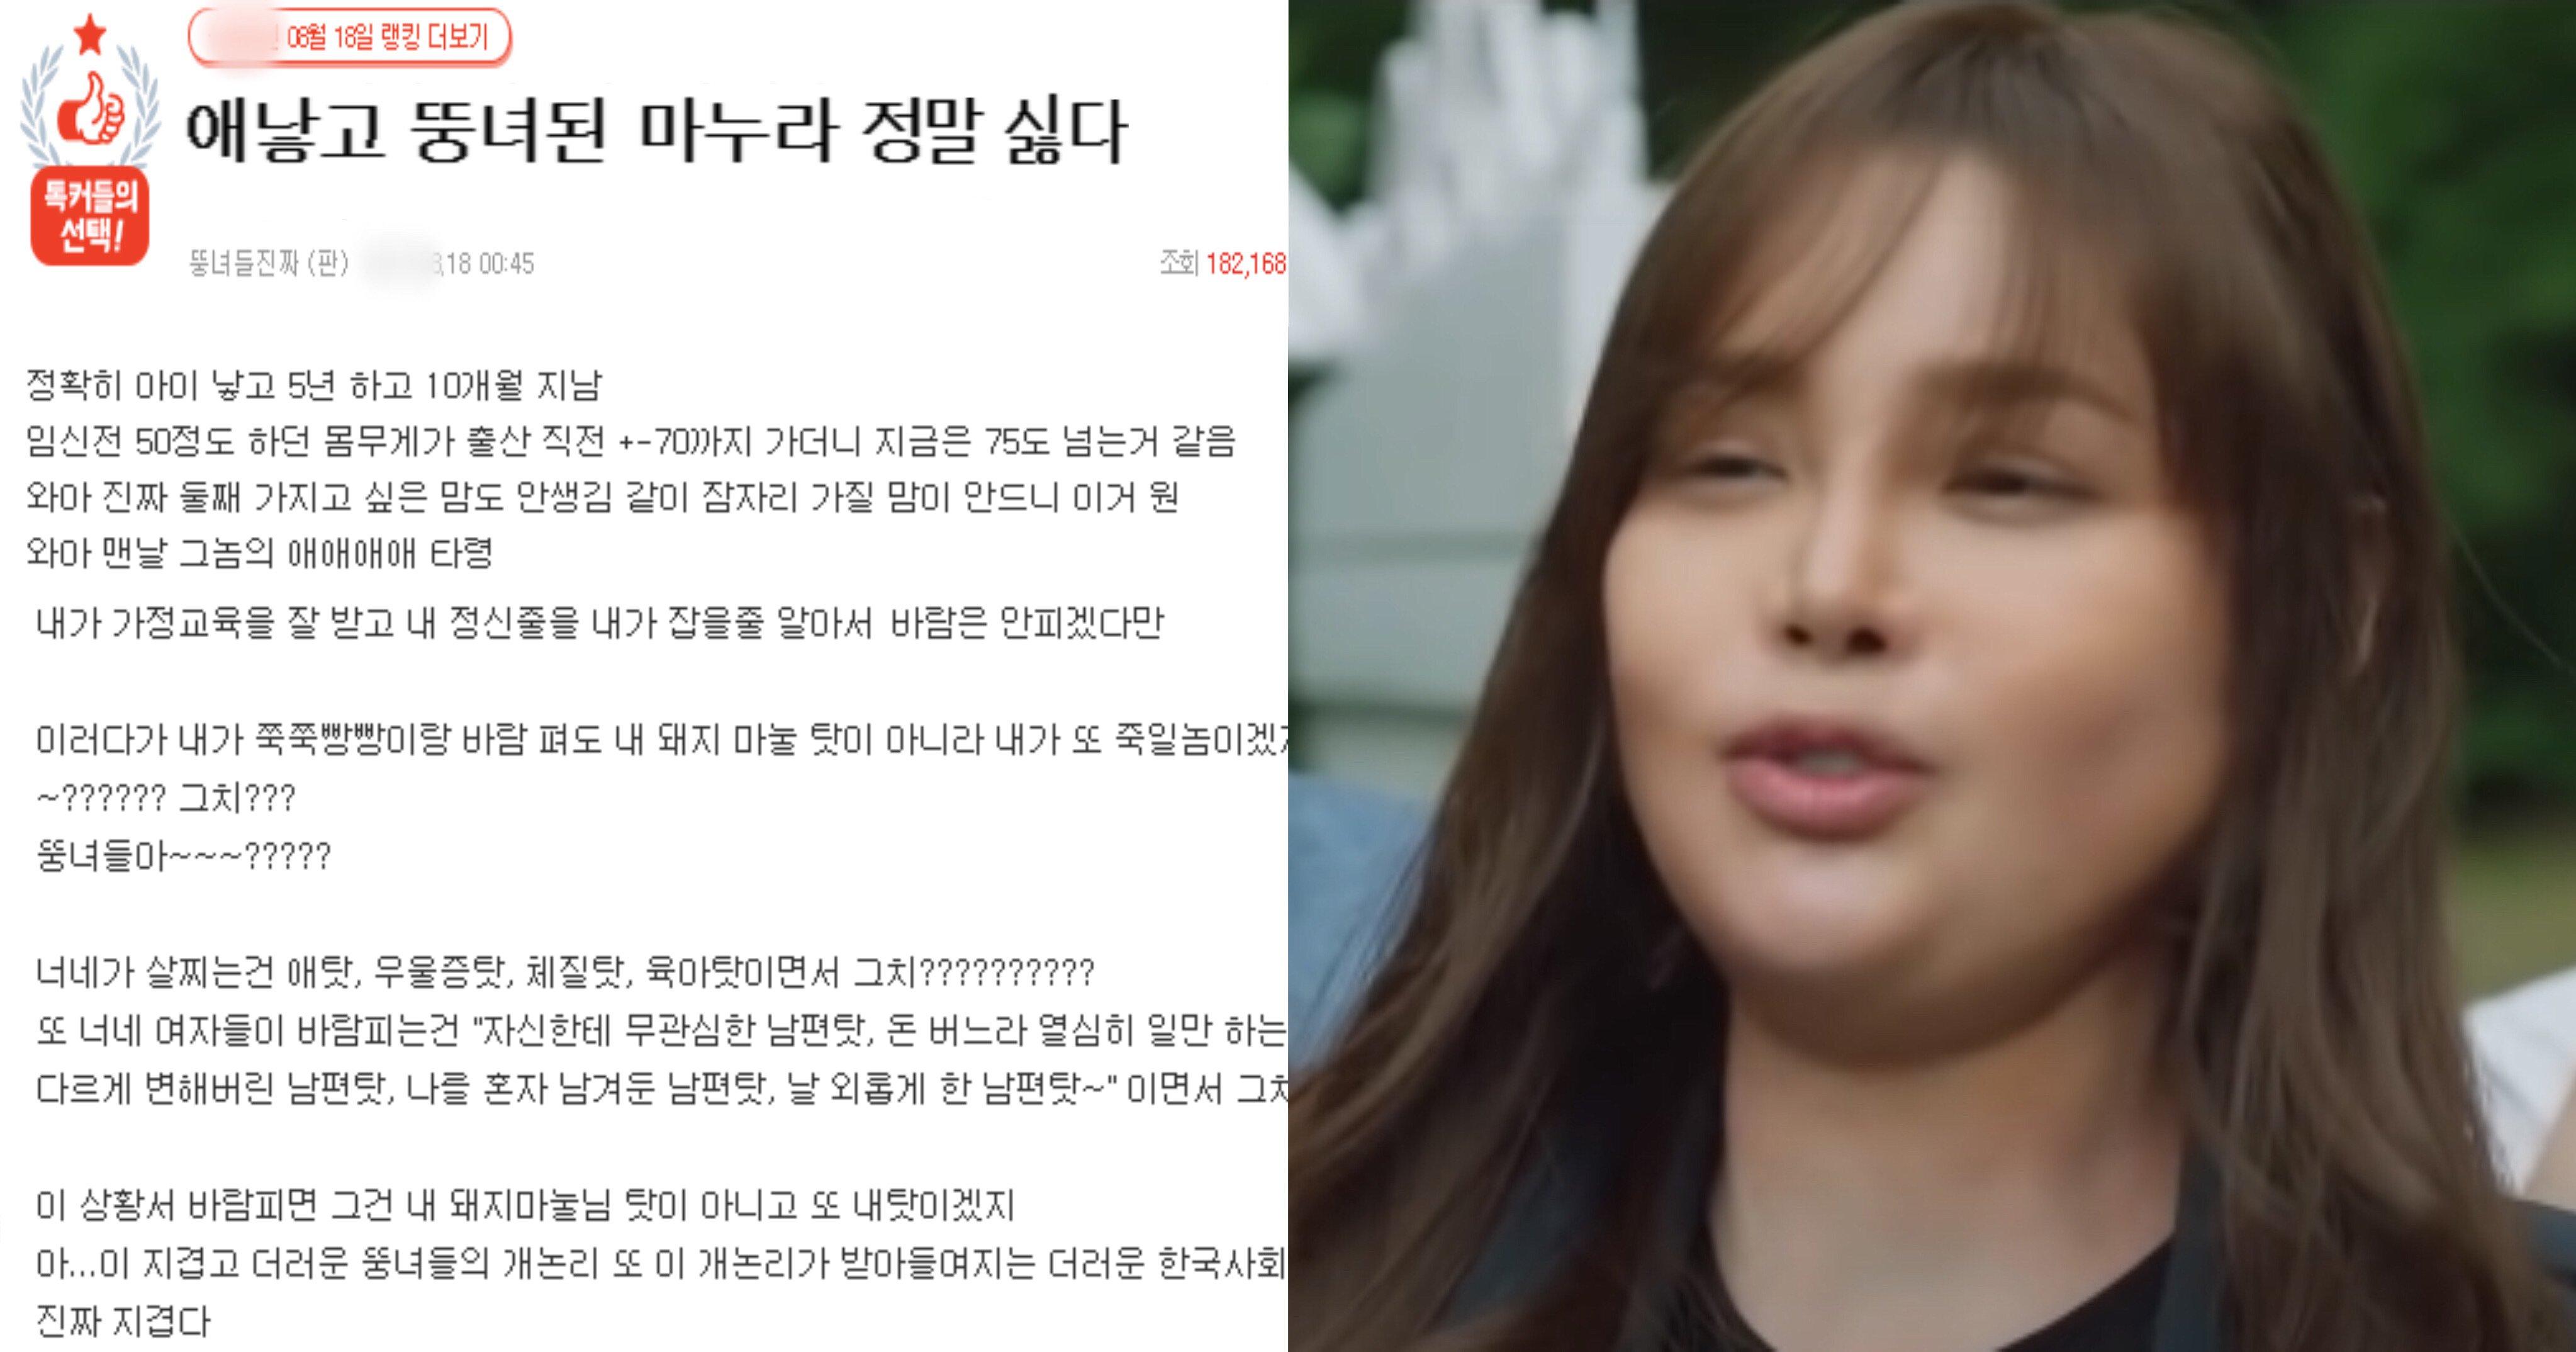 """1233.jpg?resize=412,232 - """"애낳고 뚱녀된 마누라 정말 싫다""""며 네티즌들 사이에서 논란되고 있는 한 남성의 사연"""